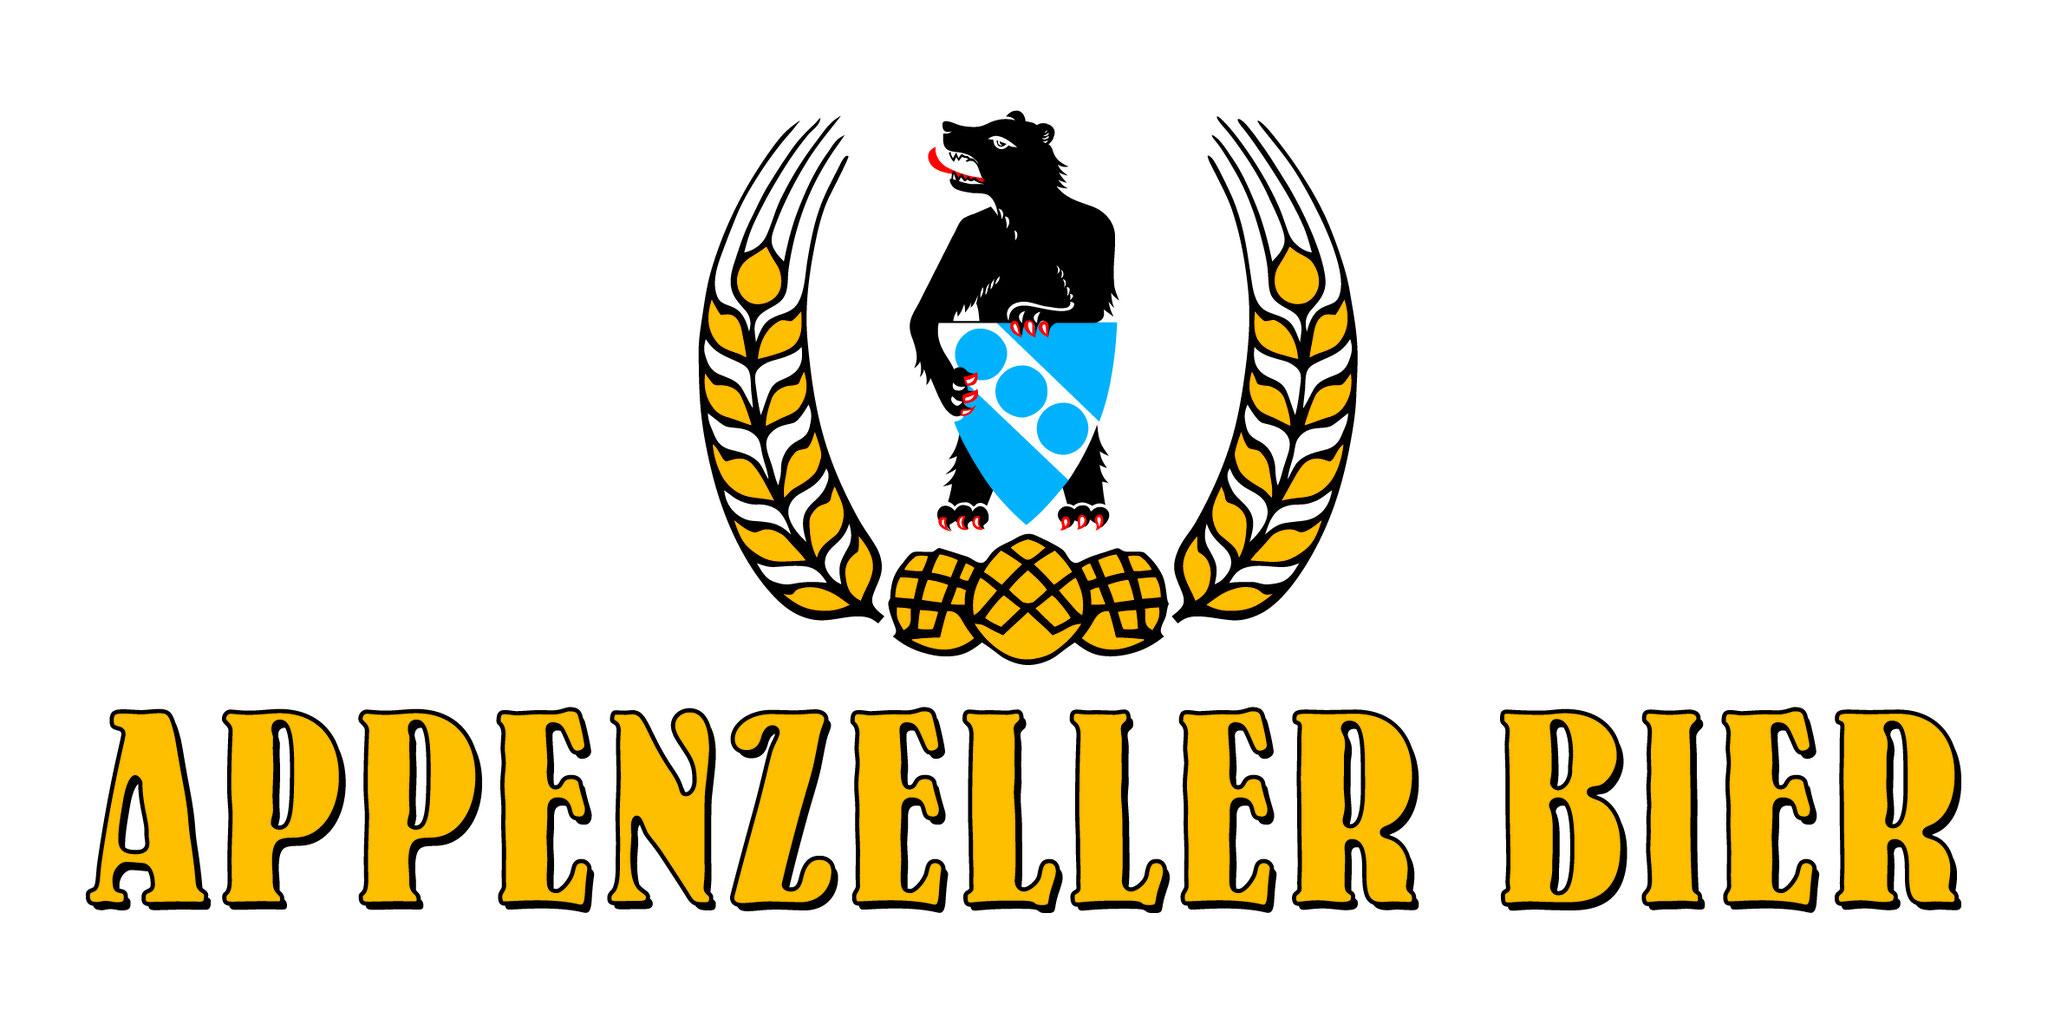 www.appenzellerbier.ch/de/erlebnis/brauquoell-appenzell.html